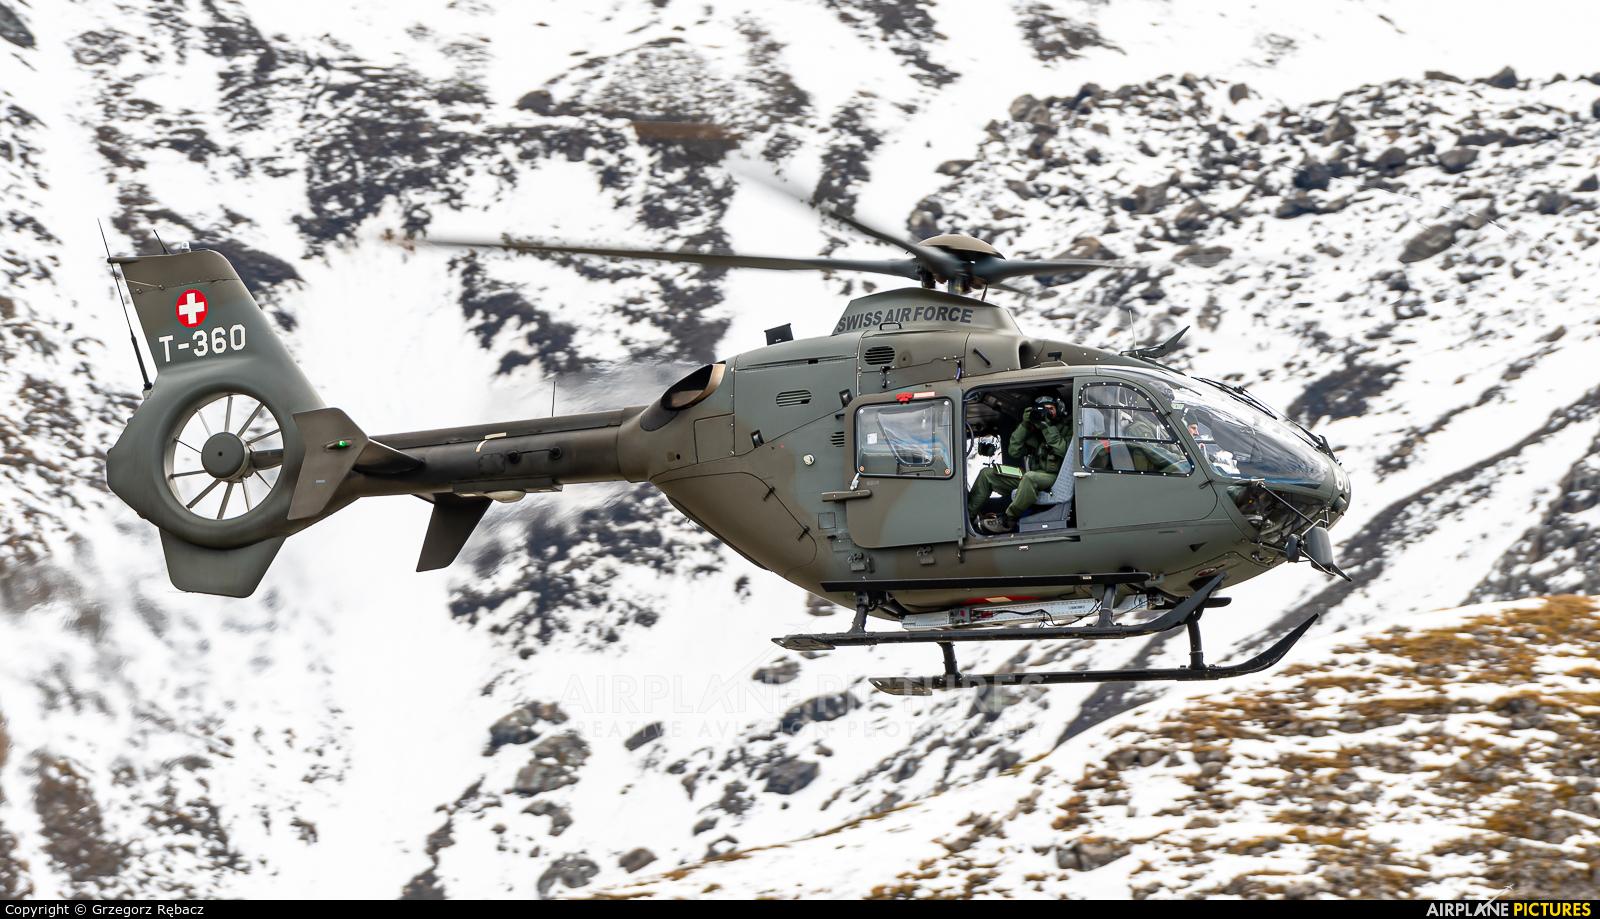 Switzerland - Air Force T-360 aircraft at Axalp - Ebenfluh Range